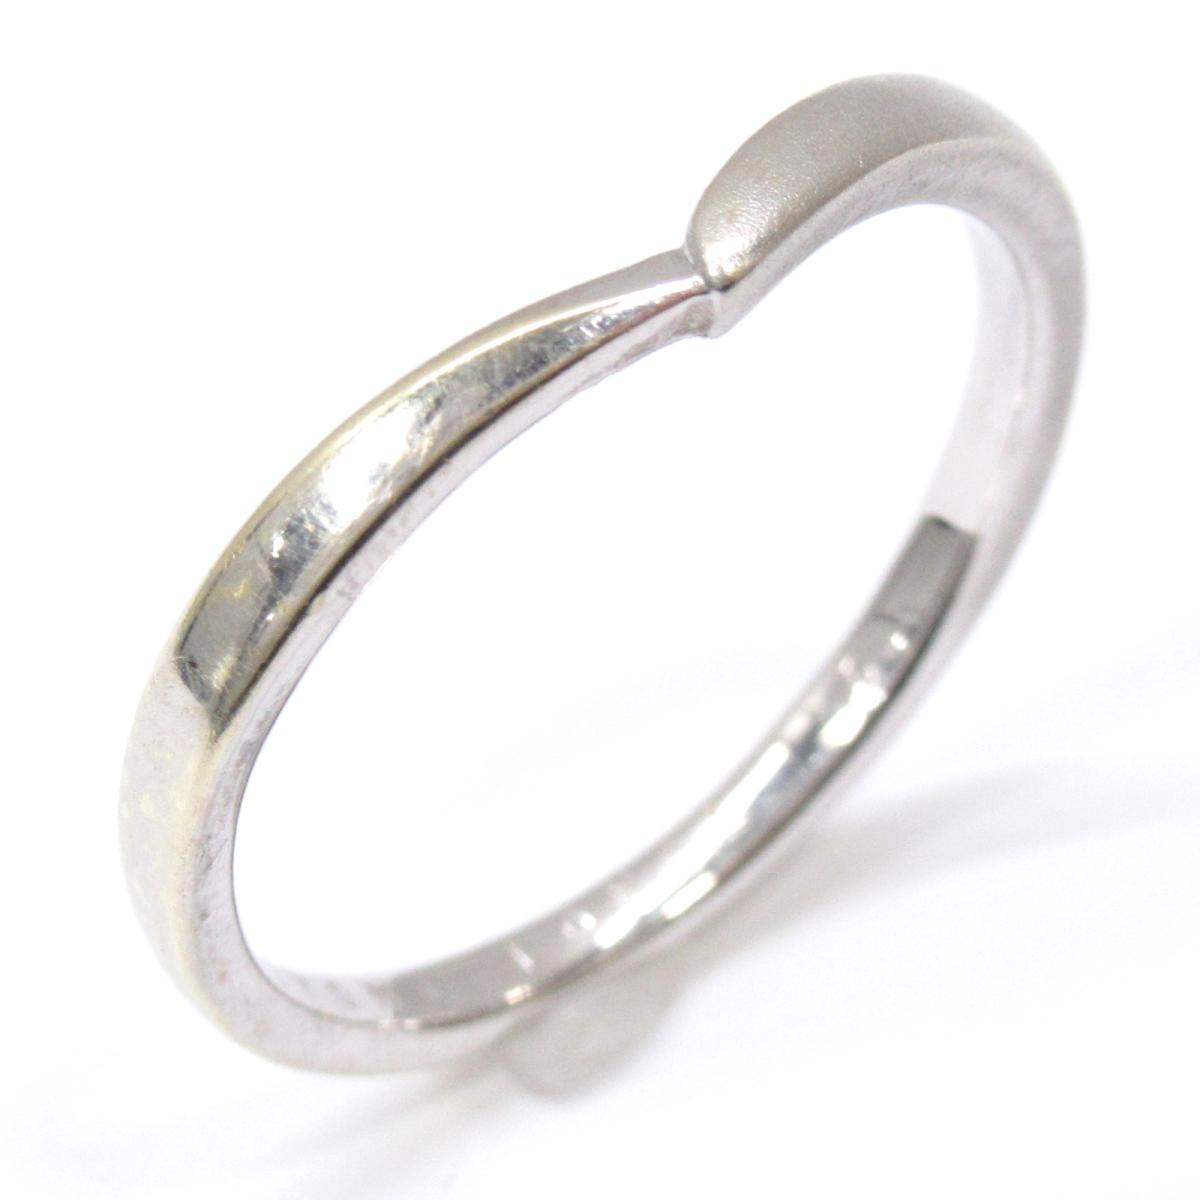 ヨンドシー リング 指輪 ブランドジュエリー メンズ レディース K10WG (420) ホワイトゴールド シルバー 【中古】   4℃ BRANDOFF ブランドオフ ブランド ジュエリー アクセサリー